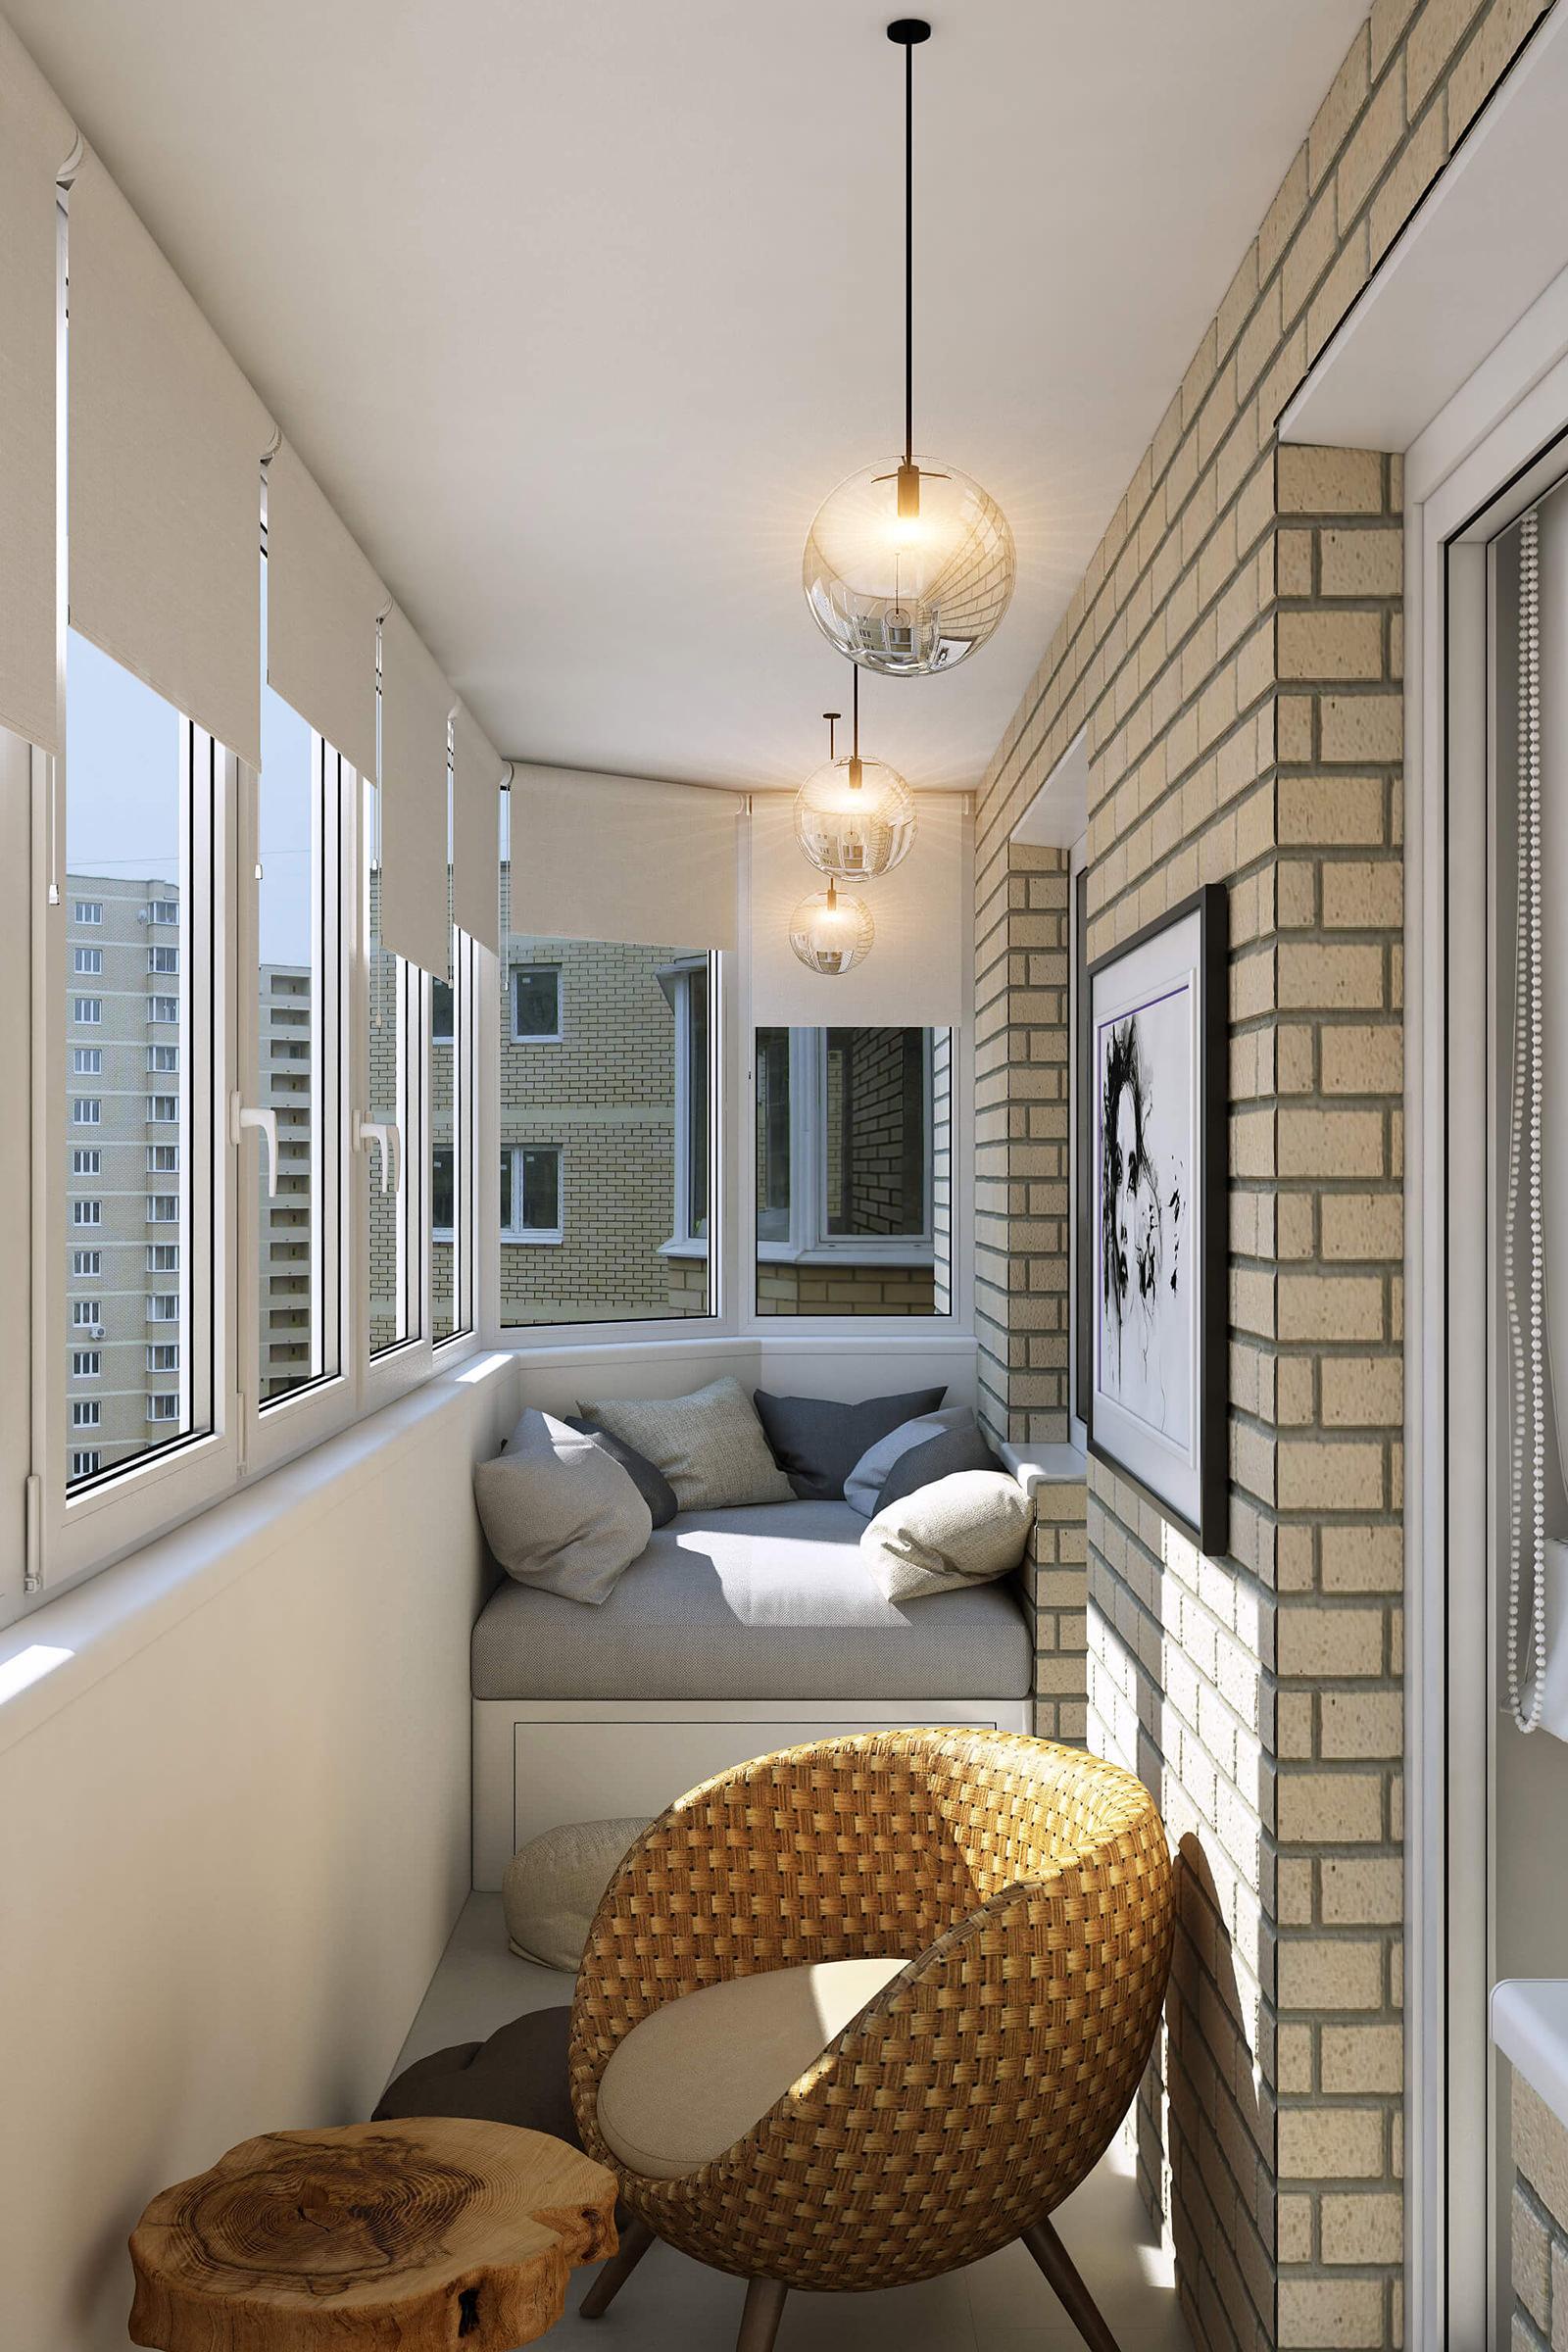 Балконная мебель в стиле эко